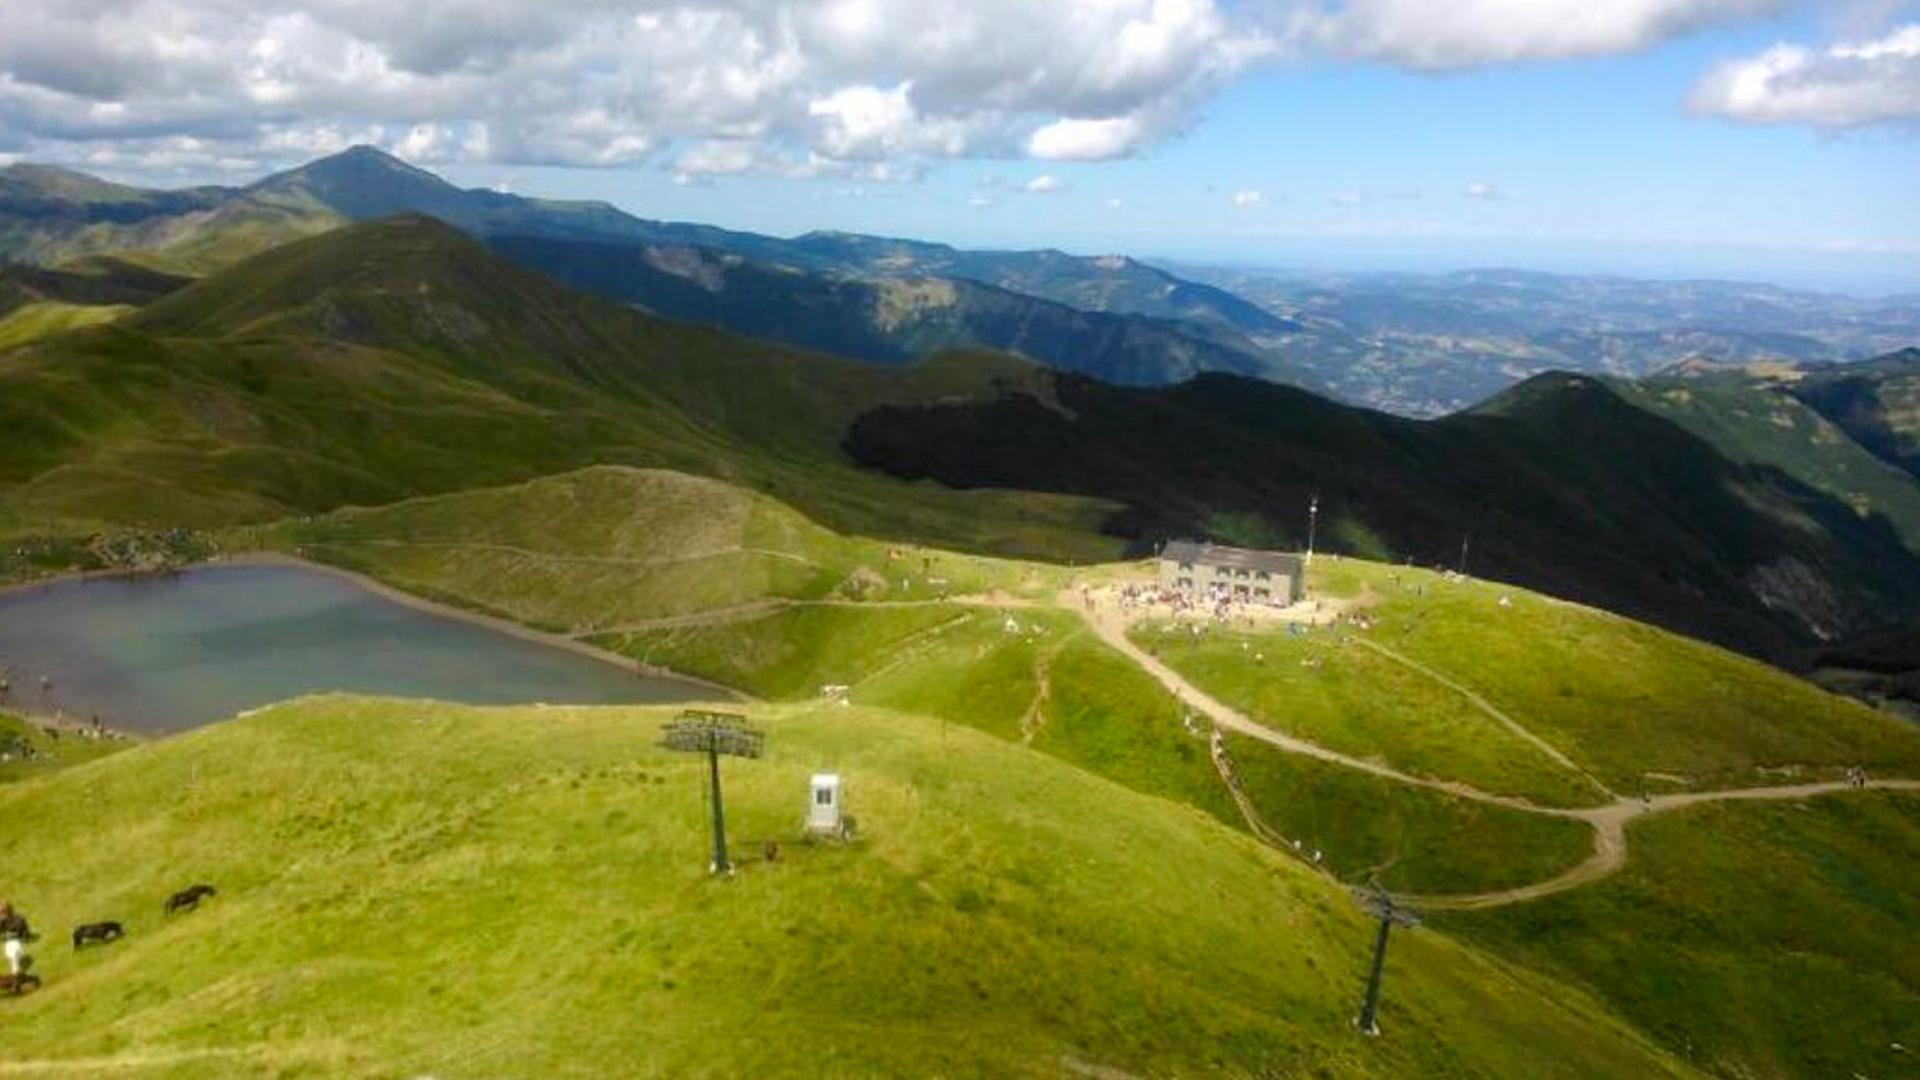 Sabato 6 Luglio / Domenica 7 Luglio 2019: Passo Croce Arcana (Appennino Tosco-Emiliano)